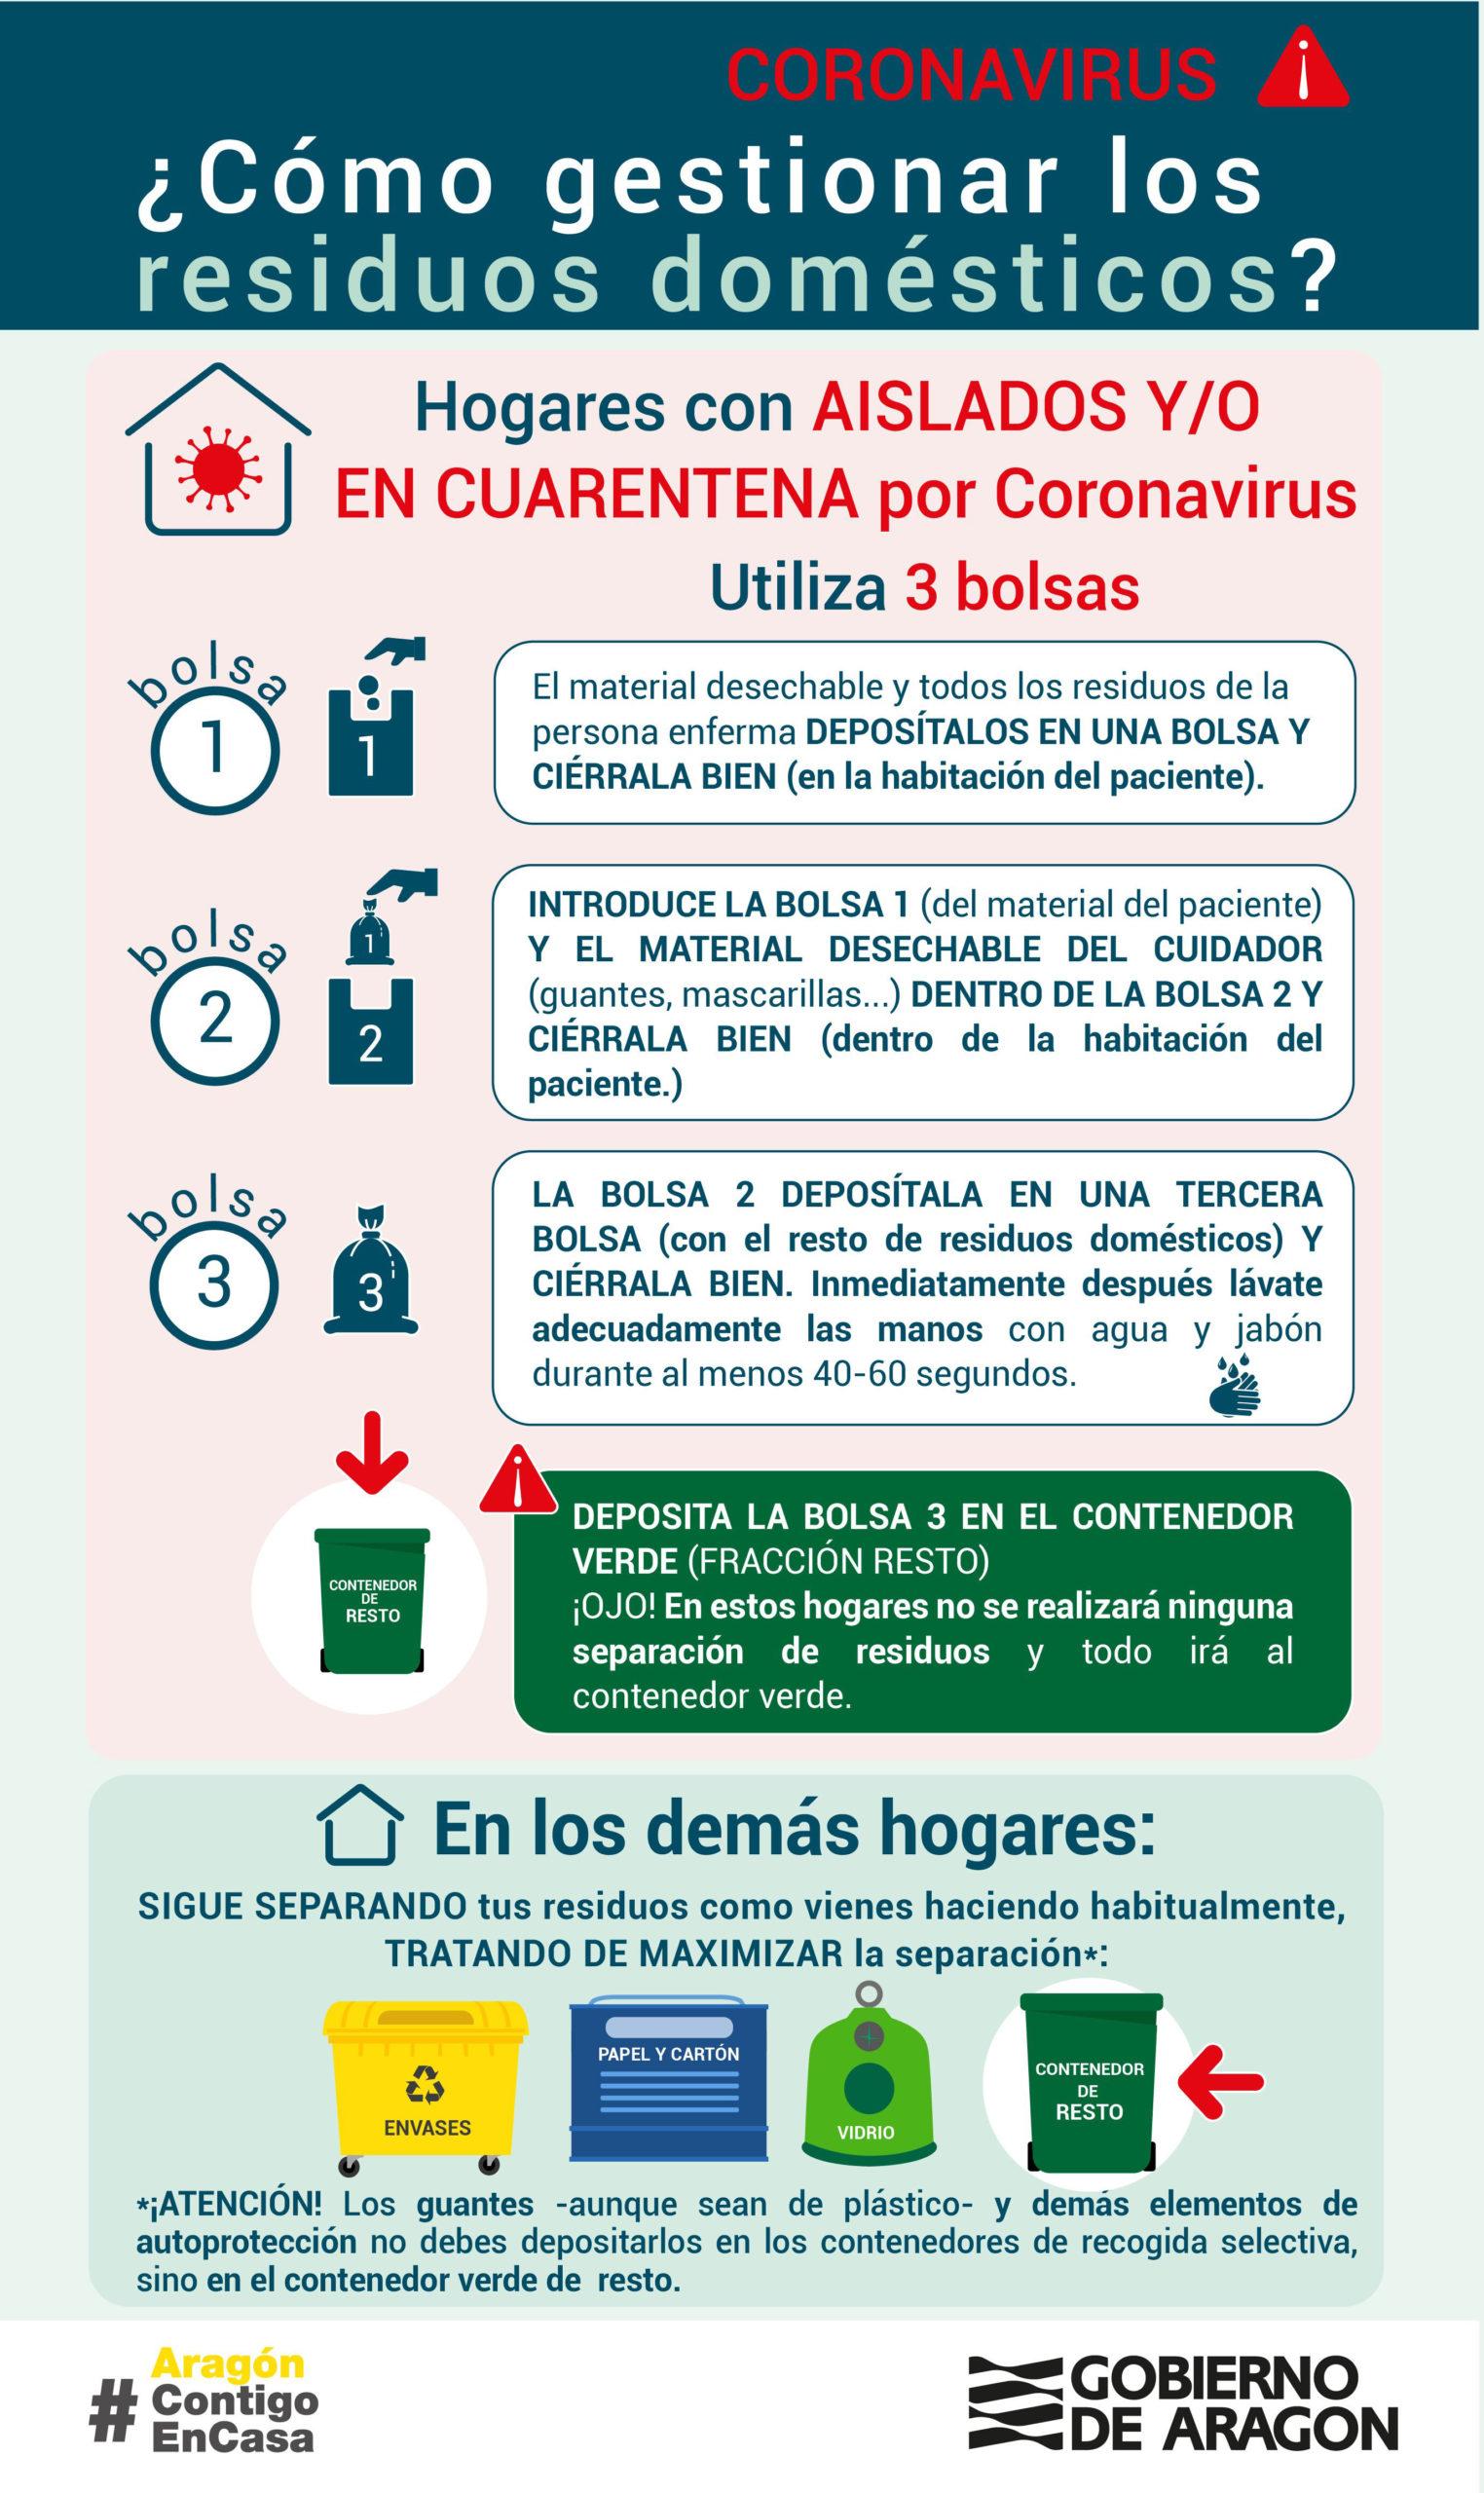 Infografía sobre la gestión de los residuos domésticos ante el COVID-19